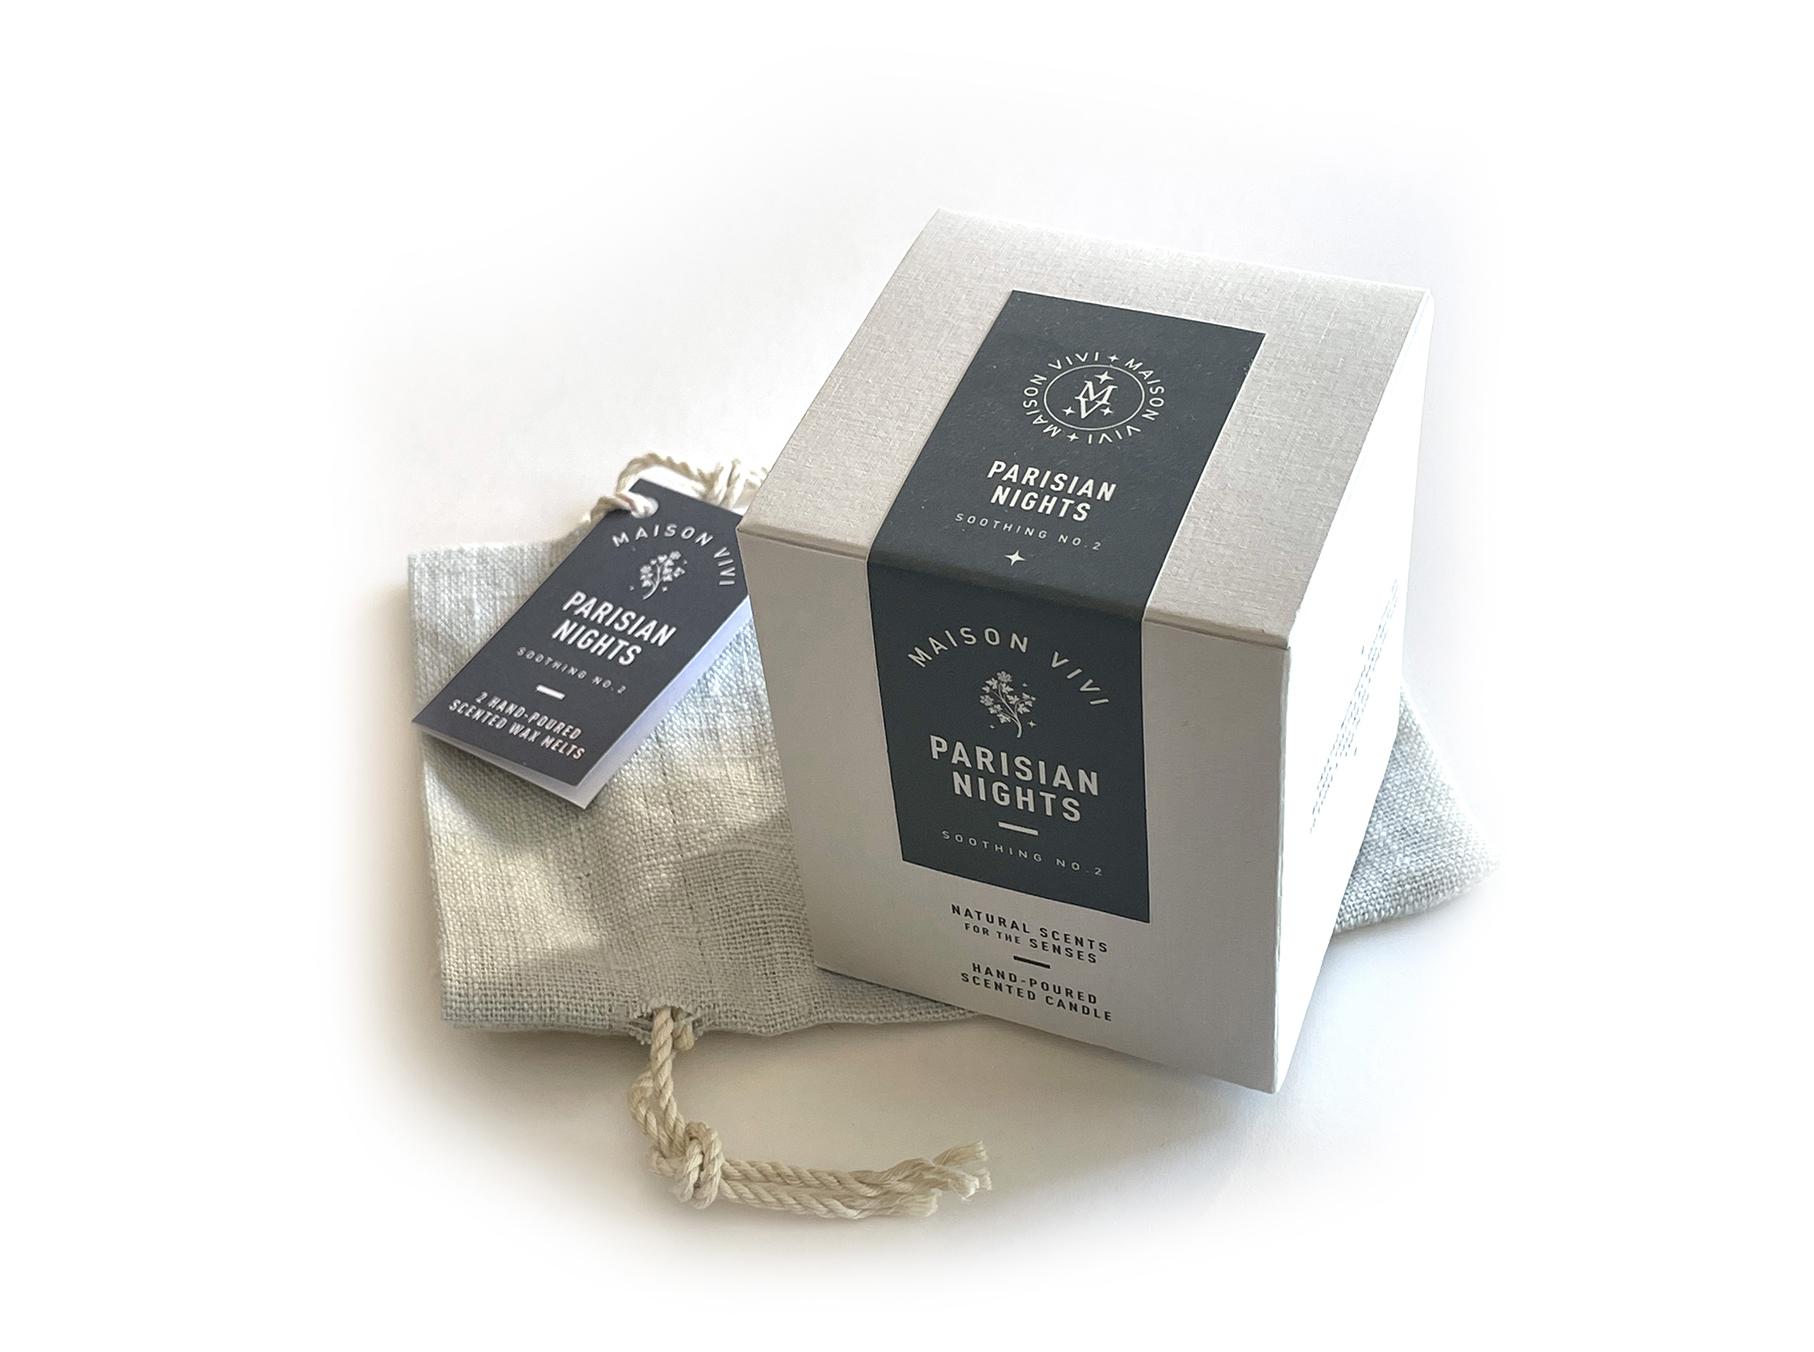 Box and bag